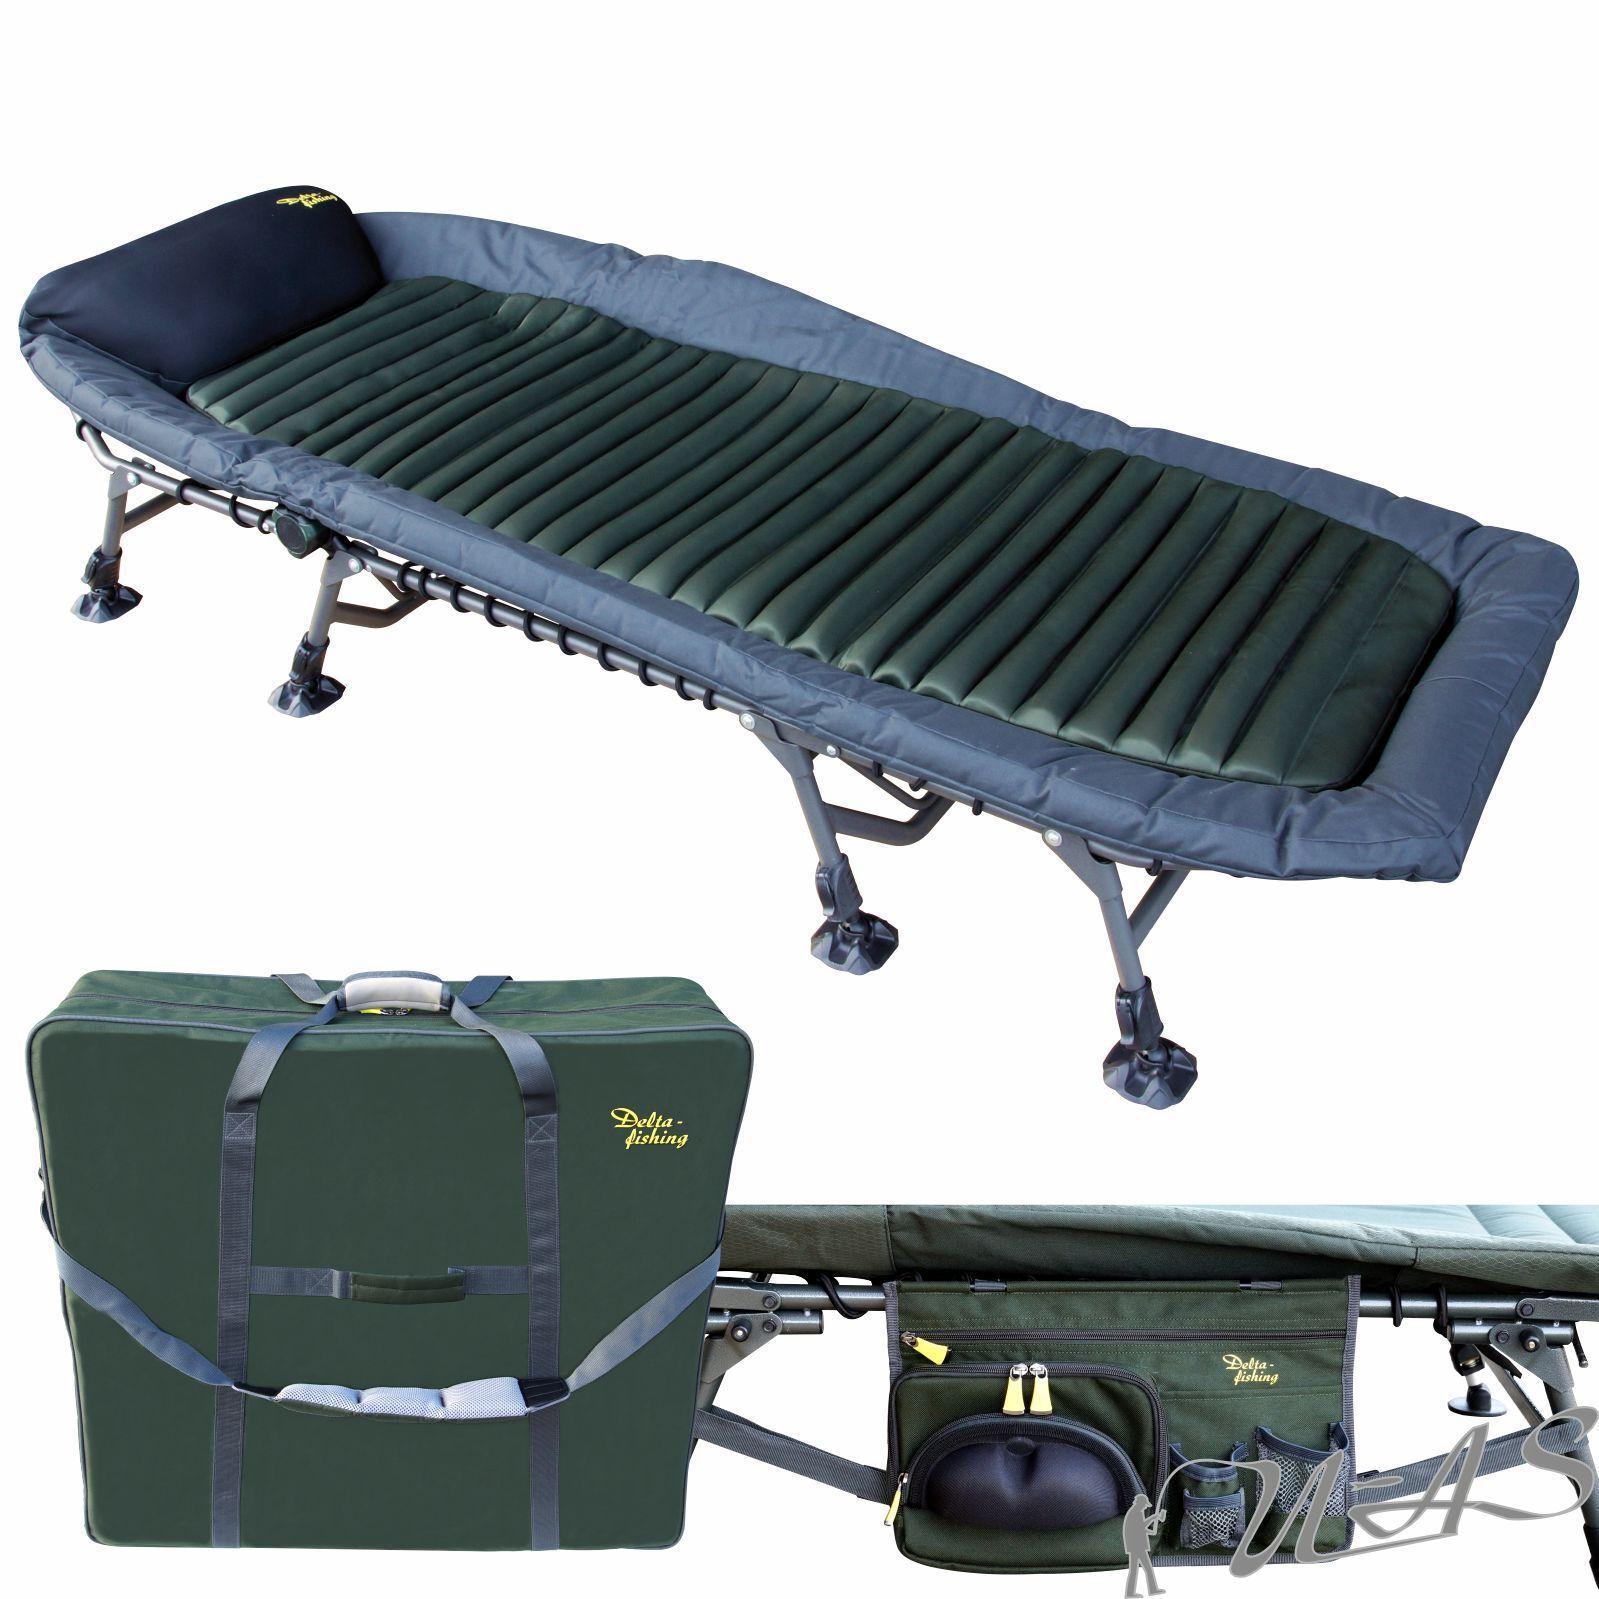 DELTA Fishing XL LUSSO 8 gamba Carpa Lettino & borsa da trasporto & tasca laterale SHA